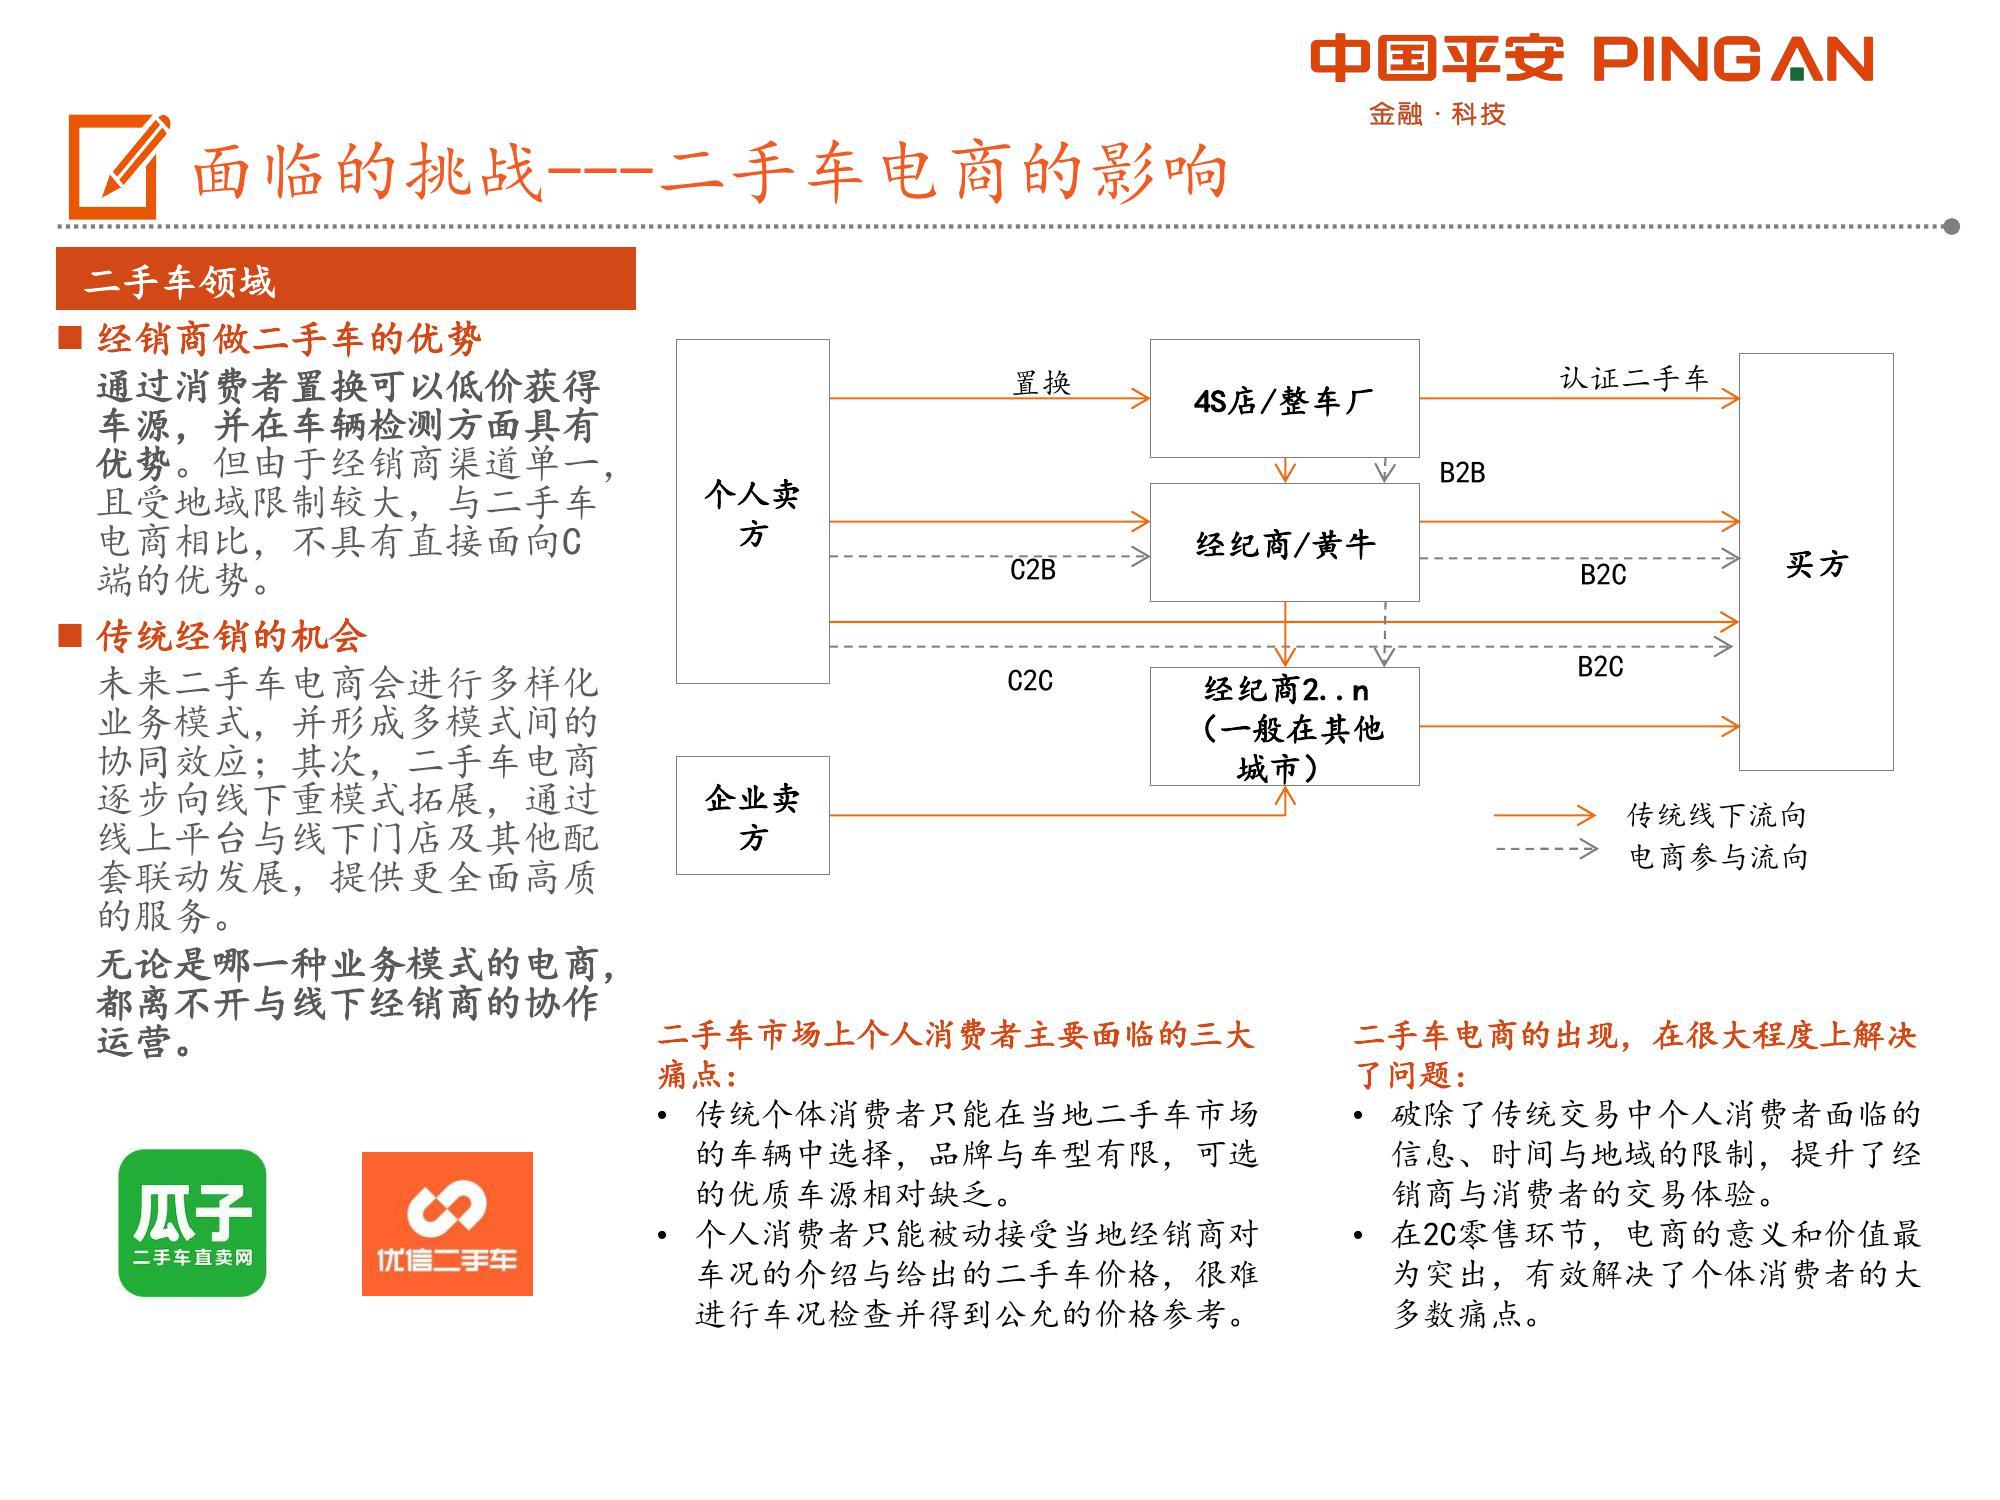 虎扑体育手机官网-官网首页